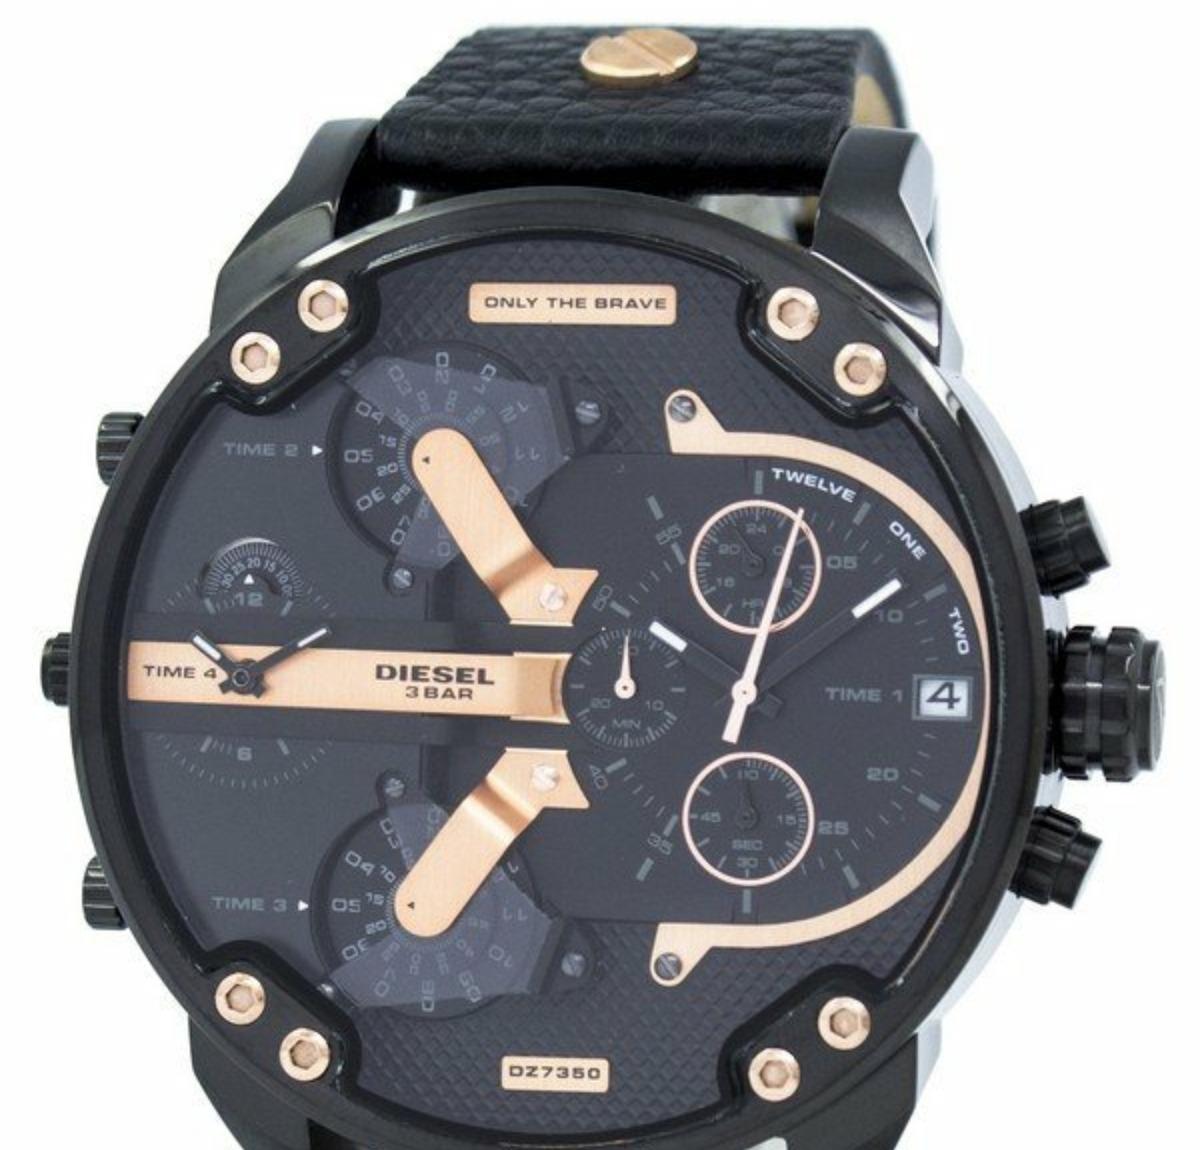 06f0f67fd134 reloj diesel hombre mr daddy dz 7350 original traído miami. Cargando zoom.